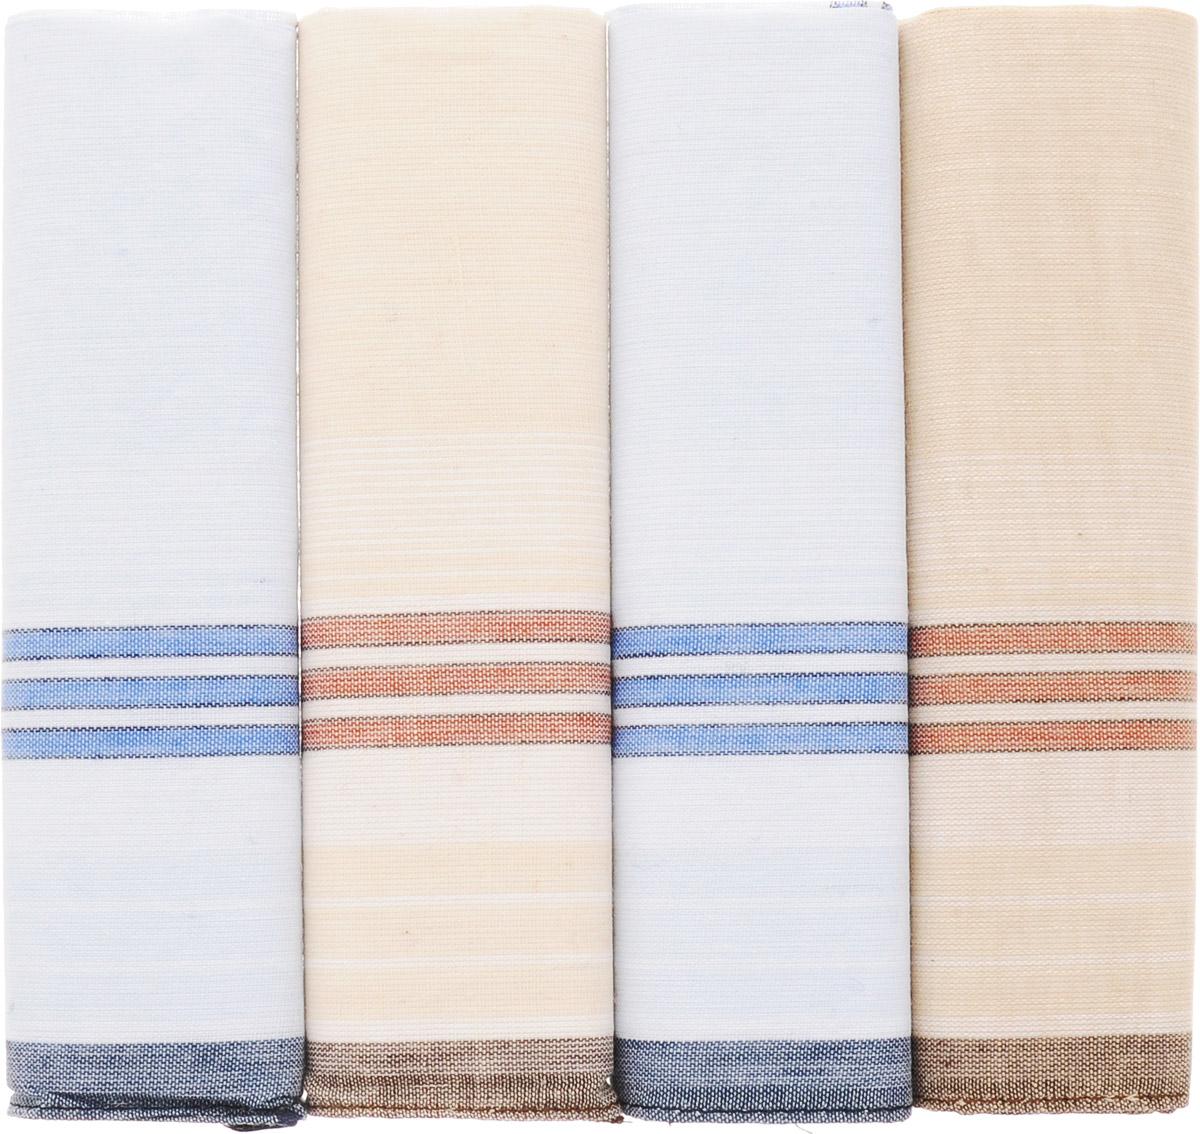 Платок носовой мужской Zlata Korunka, цвет: голубой, бежевый. 71419-7. Размер 34 х 34 см, 4 шт39864|Серьги с подвескамиНосовой платок Zlata Korunka изготовлен из высококачественного натурального хлопка, благодаря чему приятен в использовании, хорошо стирается, не садится и отлично впитывает влагу. Практичный носовой платок будет незаменим в повседневной жизни любого современного человека. Такой платок послужит стильным аксессуаром и подчеркнет ваше превосходное чувство вкуса. В комплекте 4 платка.